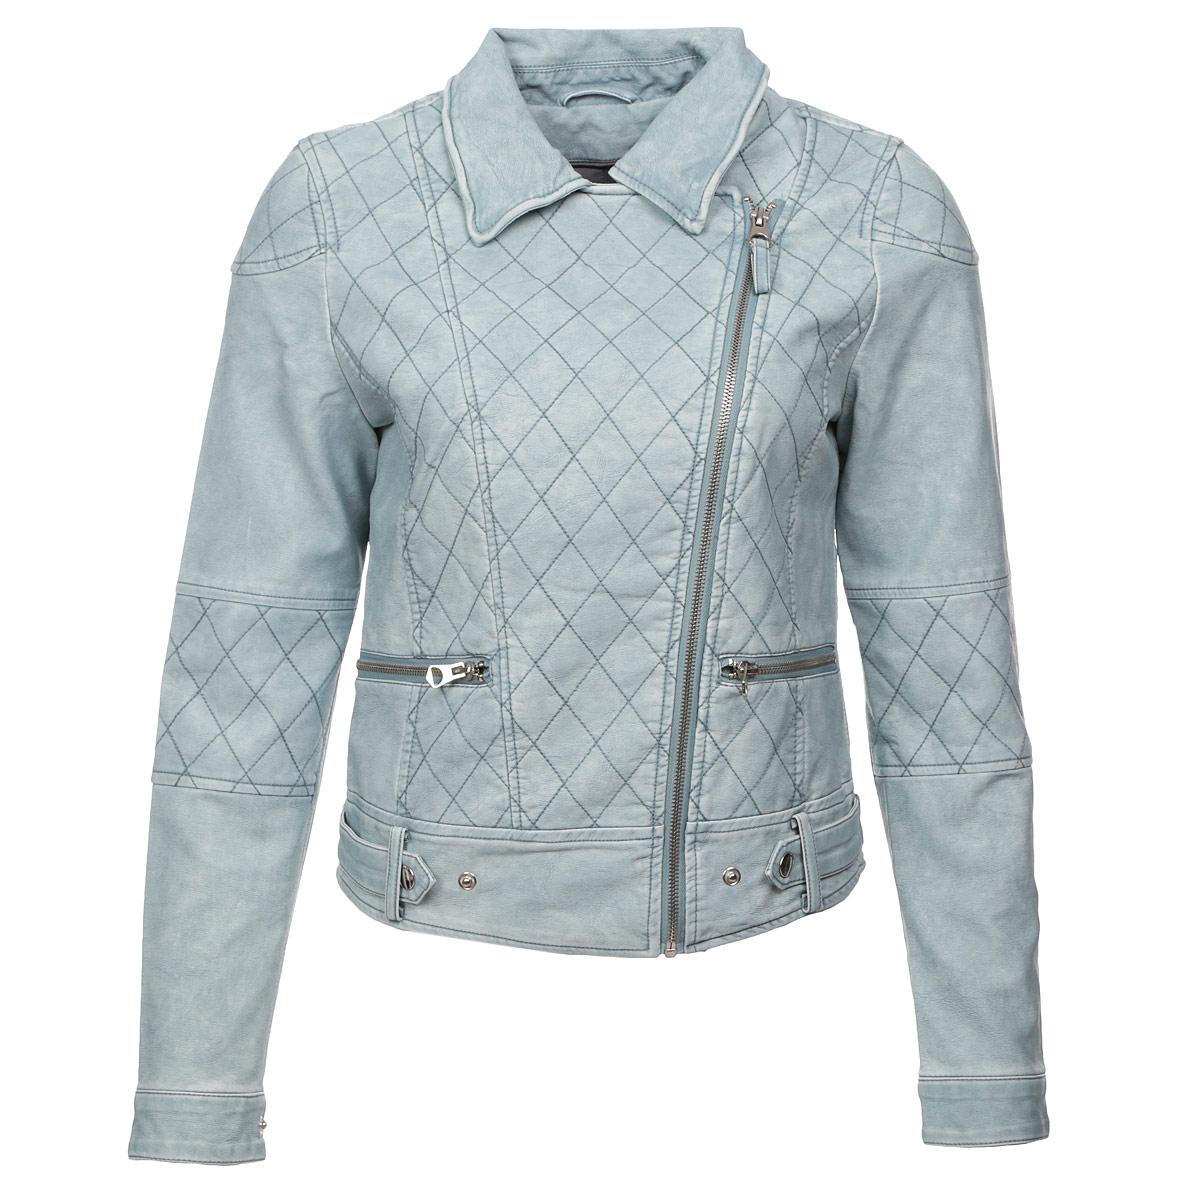 Куртка женская. 1015216910152169 551Стильная женская куртка Broadway, изготовленная из полиуретана и вискозы на подкладке из 100% полиэстера, смотрится модно и свежо. Куртка с отложным воротником застегивается на асимметричную металлическую застежку-молнию по левому краю. Спереди расположено два прорезных кармашка на застежках-молниях. Манжеты также застегиваются на кнопки. По нижнему краю модель дополнена хлястиками на кнопках, регулирующими ширину изделия. Куртка оформлена оригинальной стеганой отстрочкой и эффектом потертой кожи, что придает изделию оригинальность. Такая куртка обеспечит вам не только красивый внешний вид и комфорт, но и дополнительную защиту от прохладной погоды.